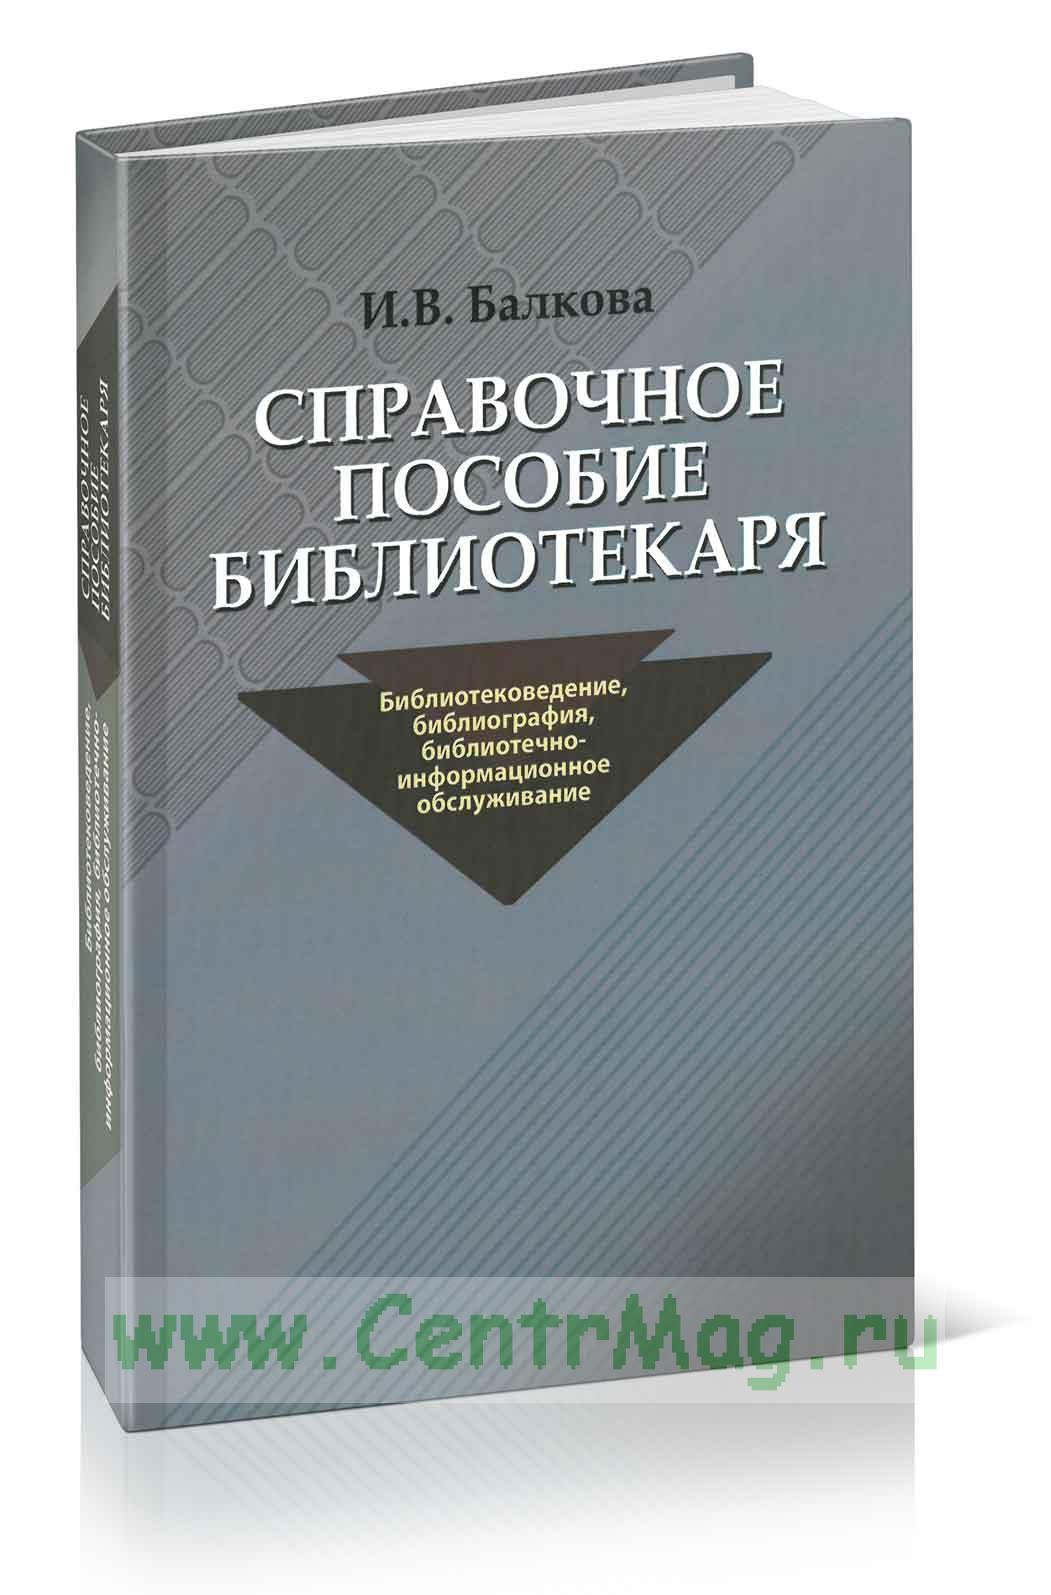 Справочное пособие библиотекаря: библиотековедение, библиография, библиотечно-информационное обслуживание